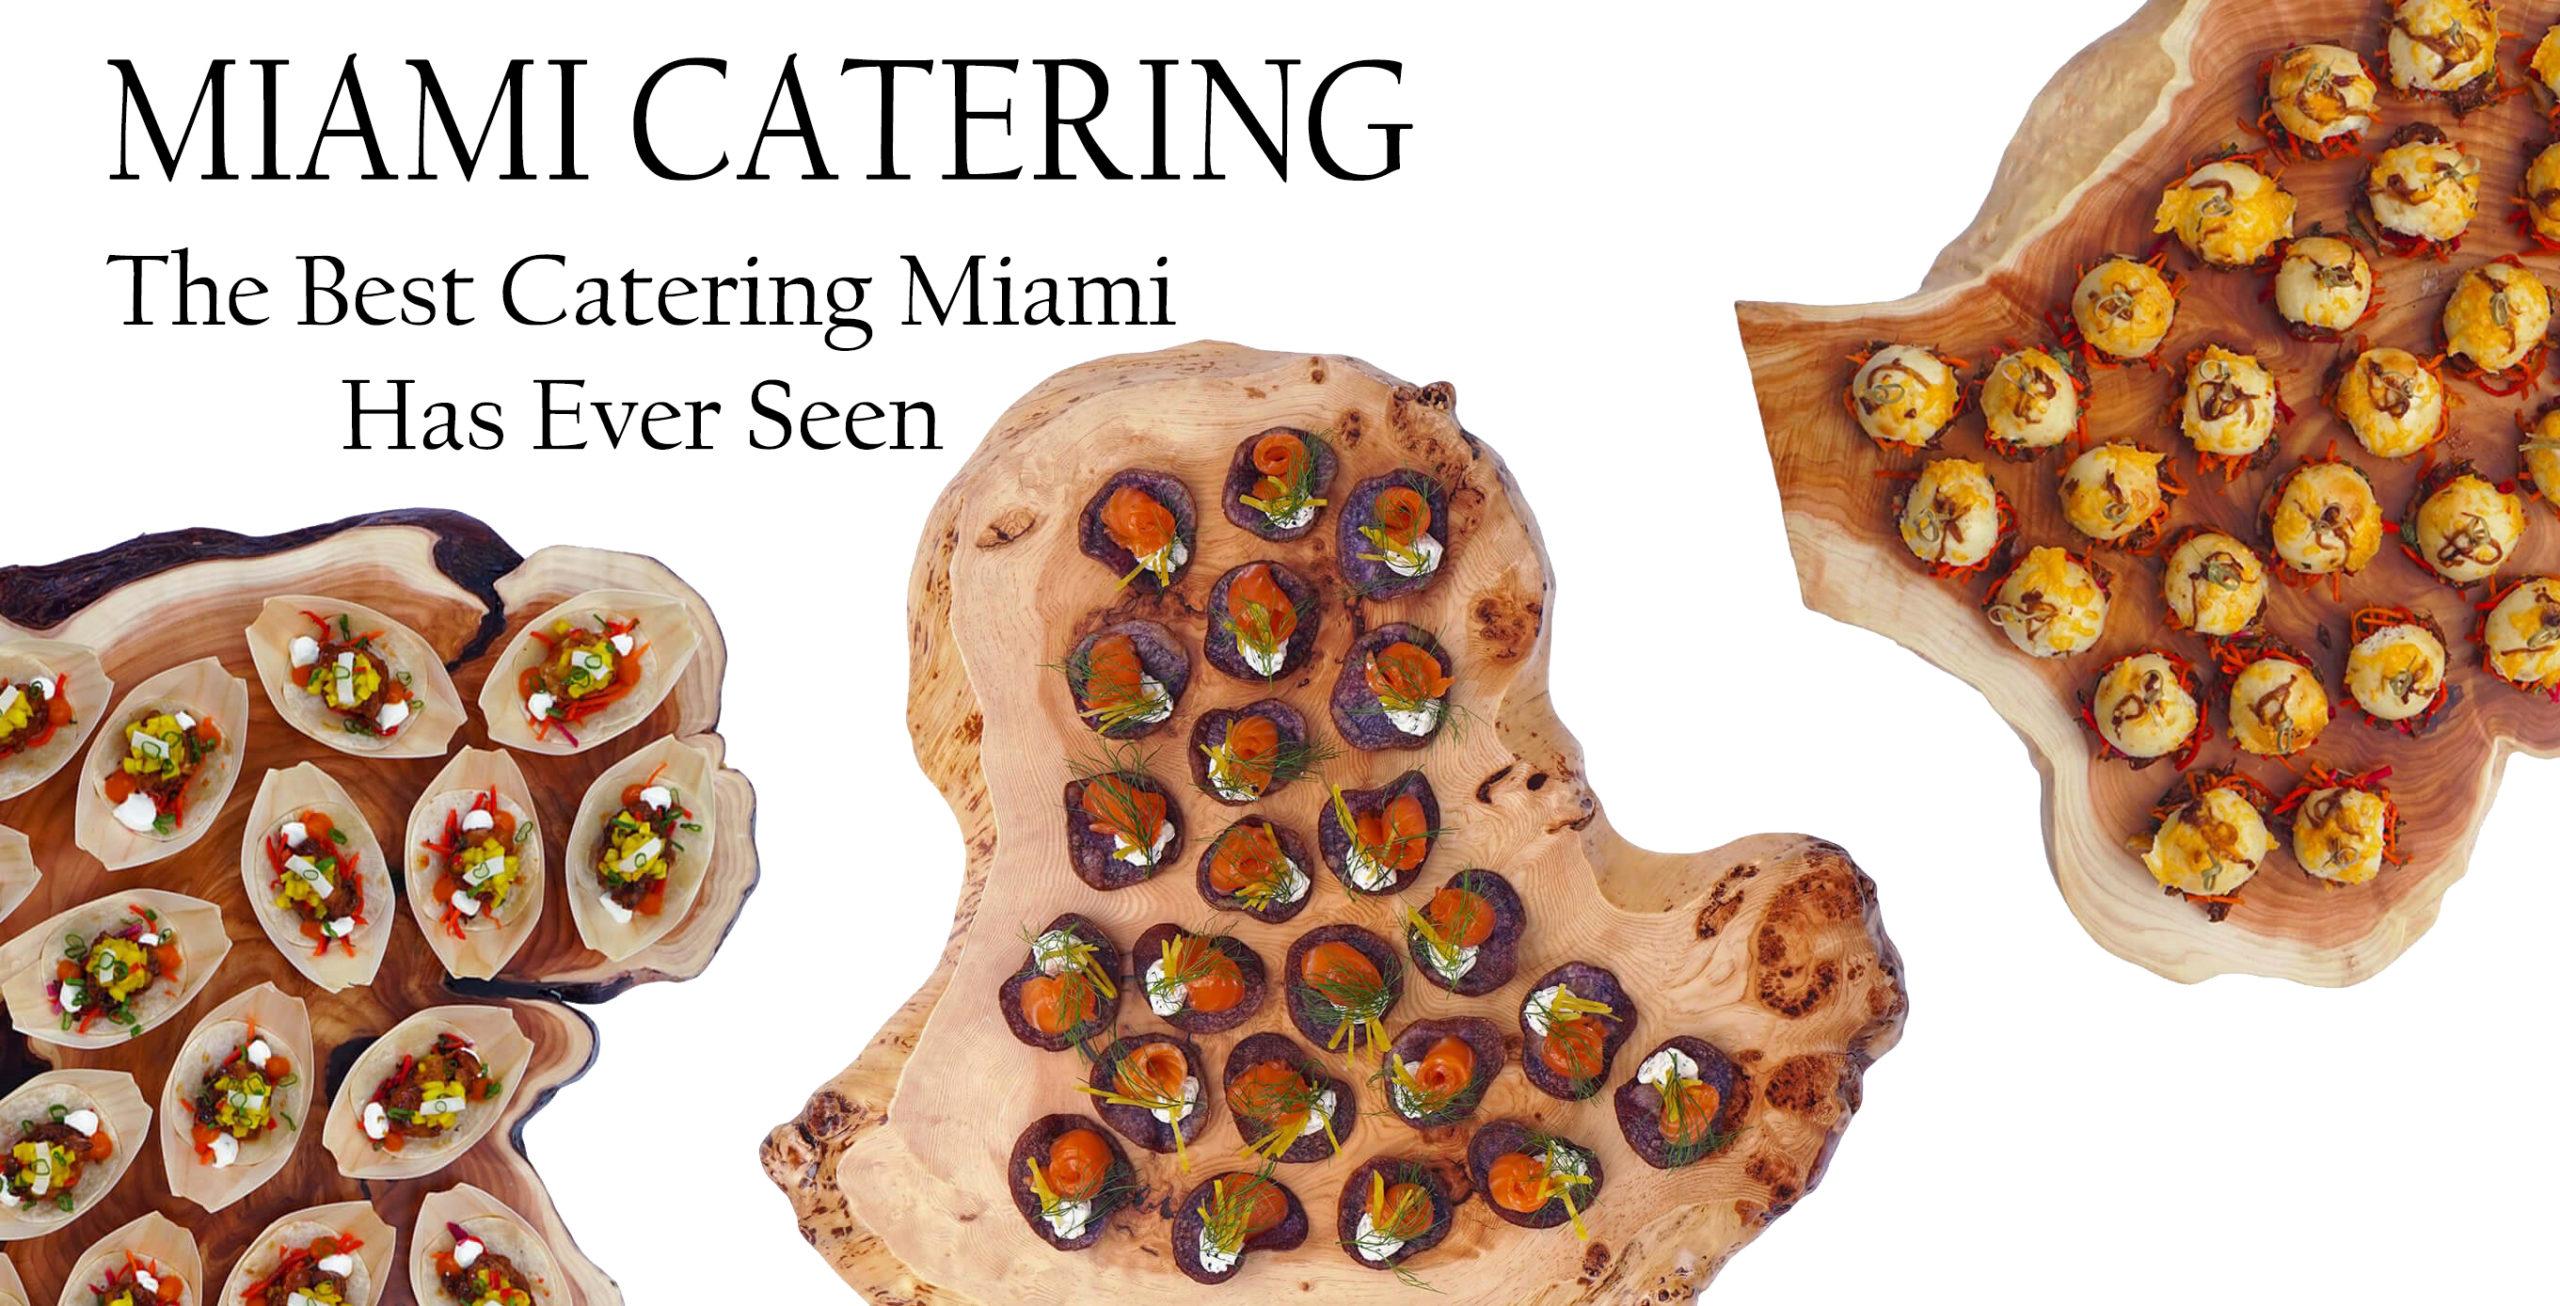 Miami Catering